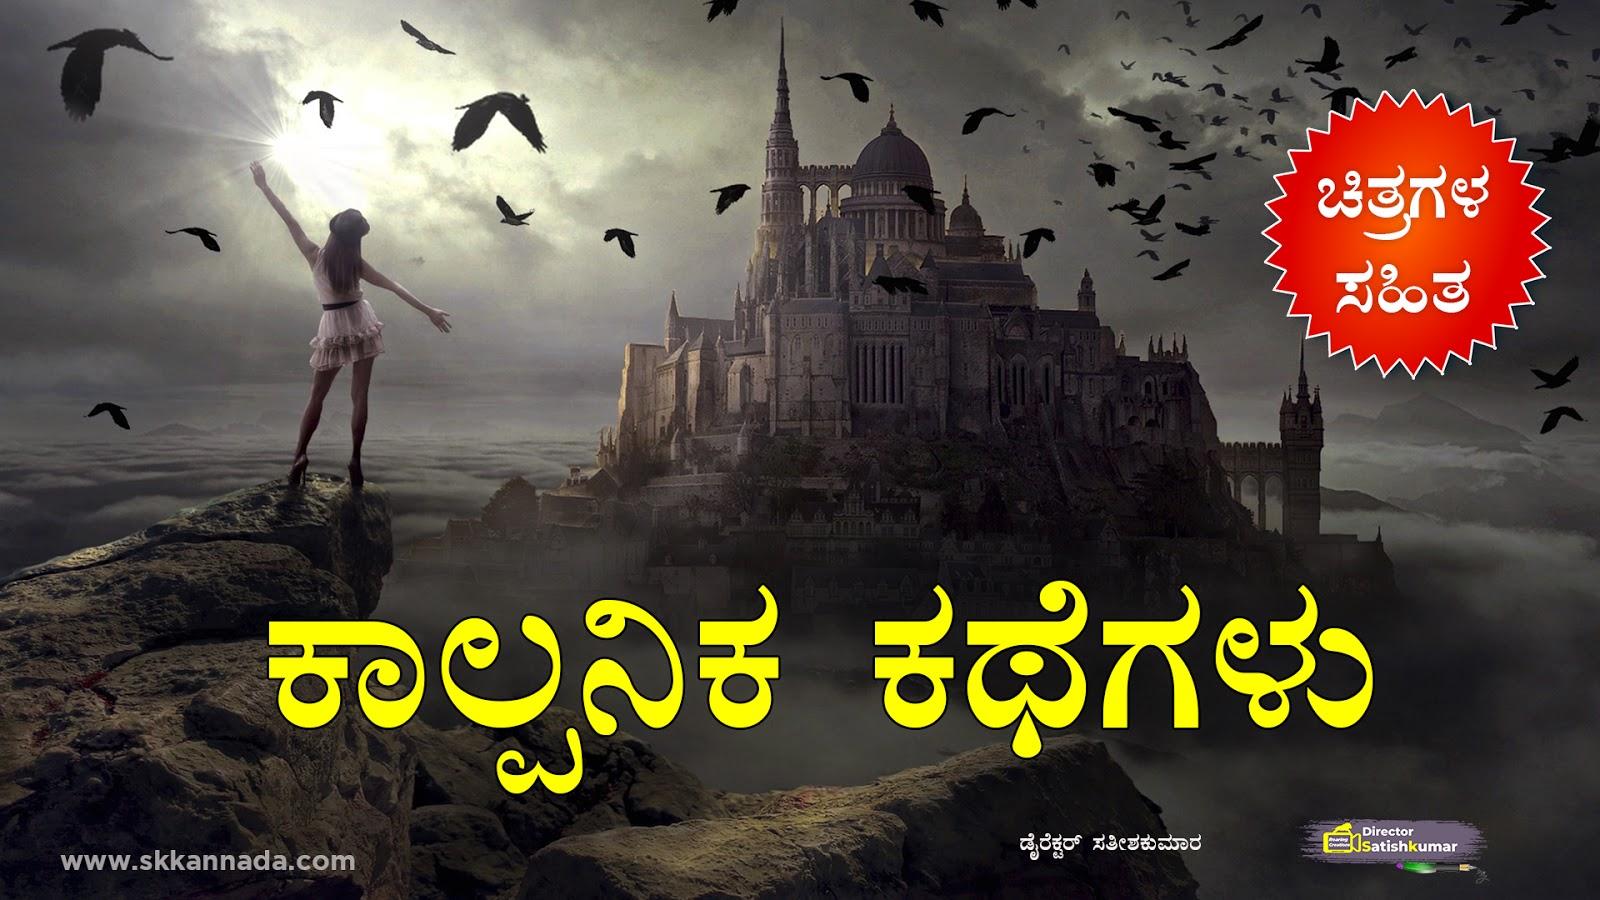 ಕನ್ನಡ ಕಾಲ್ಪನಿಕ ಕಥೆಗಳು - Kannada Fairy Tales